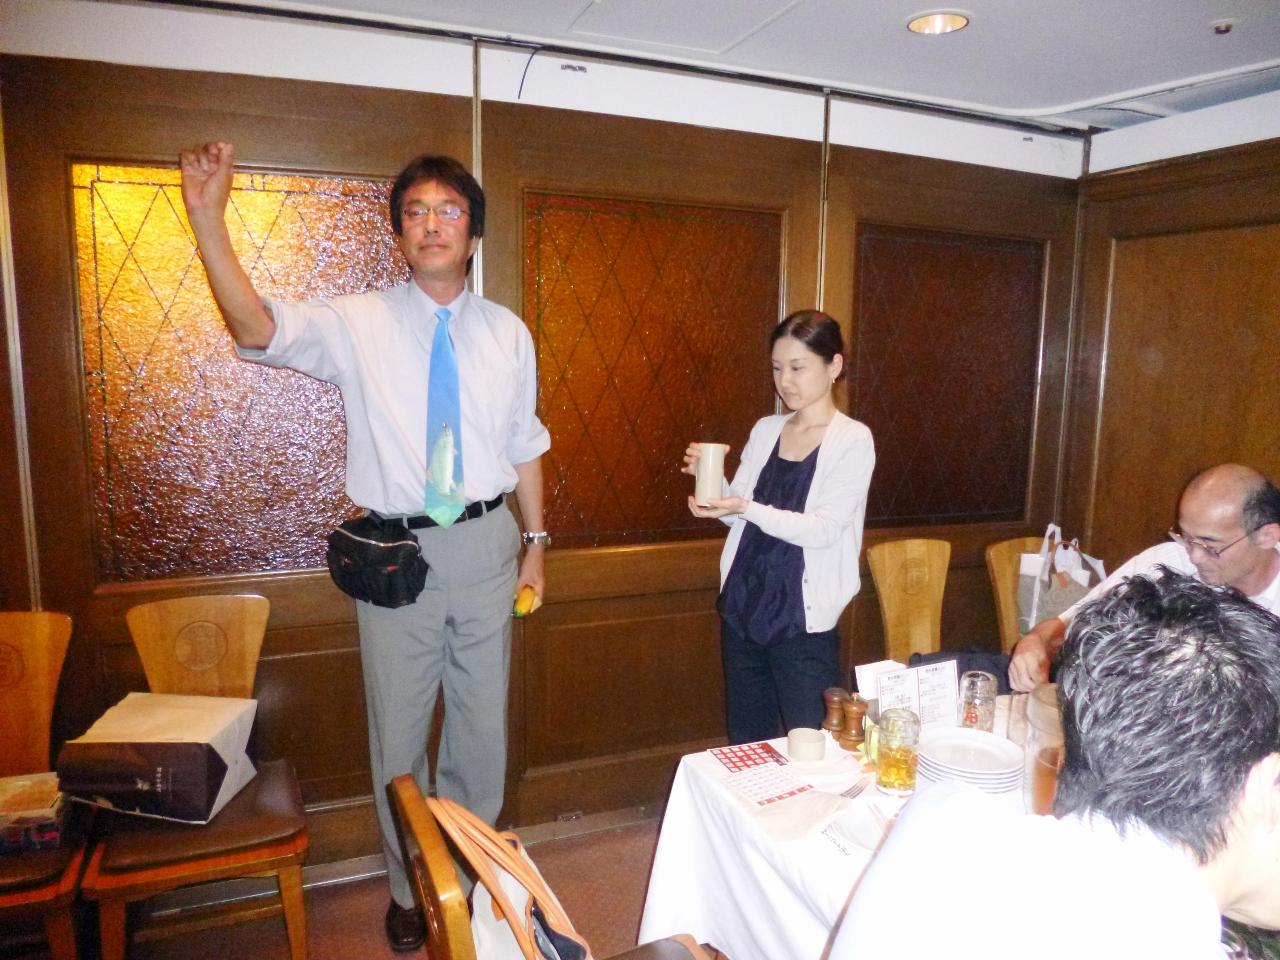 2013.9.21川平先生講演会 a001.jpg